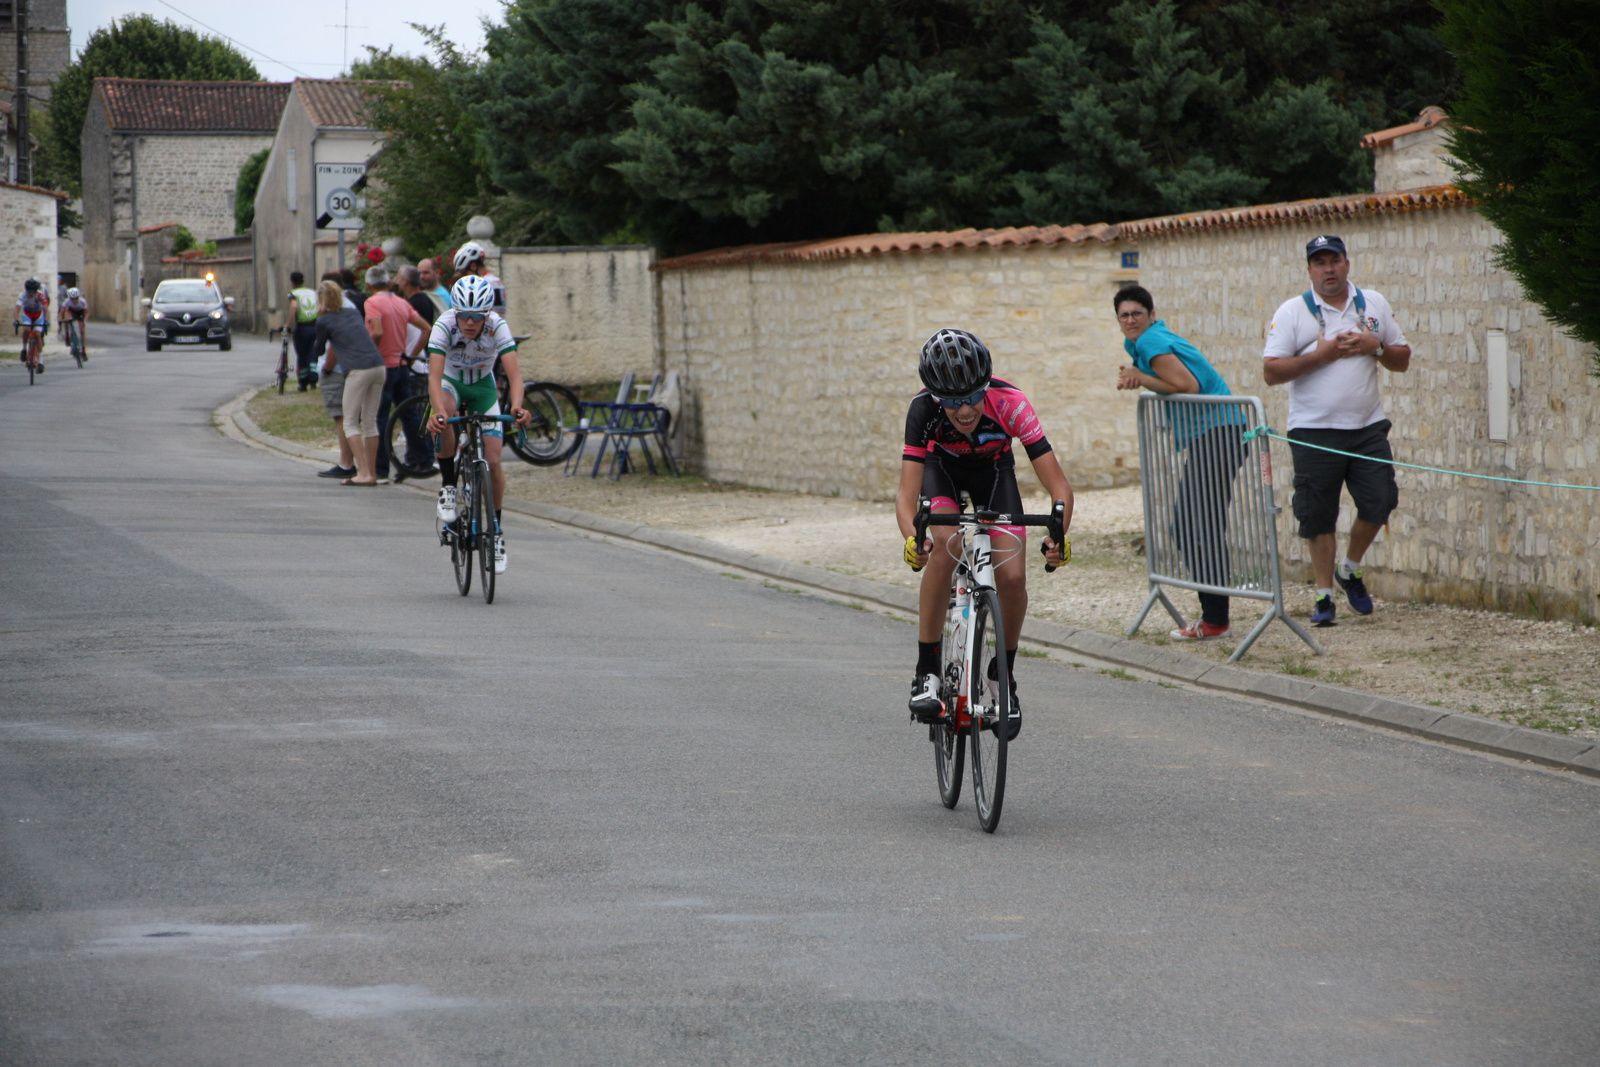 9e  Romain  LAPOUGE(CAM  Bordeaux), 10e  Julian  BLANCHON(Angouléme  VC), 11e Hugo  BRUGIER(V  Naintre), 12e  Hugo  BRUNET(UCC  Vivonne), 13e  Mathéo  BONNIN(CC  Vervant), 14e  Thomas  PHILIPPON(G  Mansle), 15e  Simon  BACHELIER(UCC  Vivonne), 16e  Théo  DEZERABLE(Mérignac  VC), 17e  Gaétan  LAGARRE(VC  Saintes), 18e  Hugo  LANCRY(VC  Rochefort), 19e  Paul  CONOR(VC  Rochefort), 20e  Maxime  RETAILLEAU(UC  Condat)